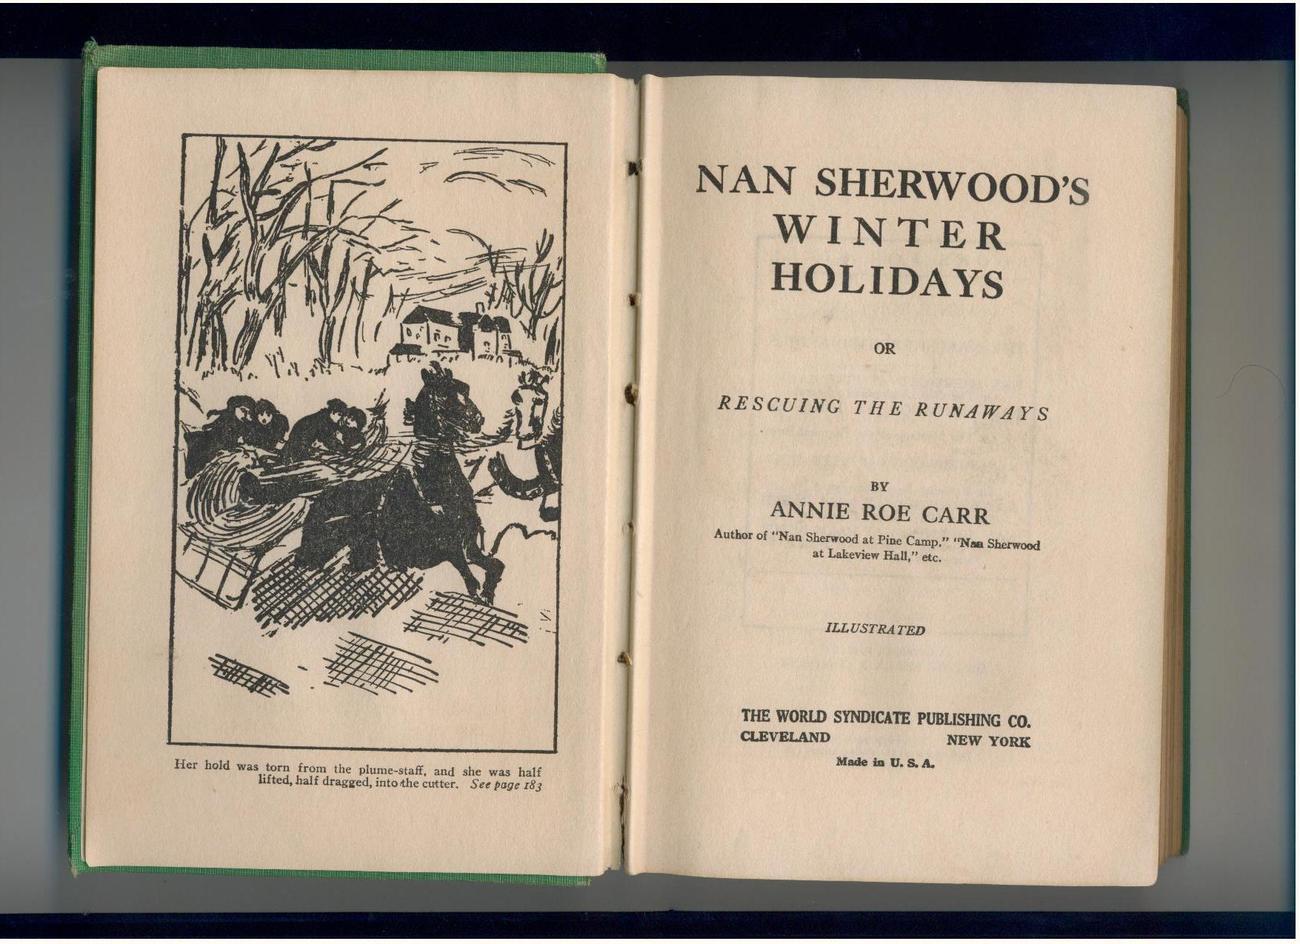 NAN SHERWOOD'S WINTER HOLIDAYS - vintage girls' series